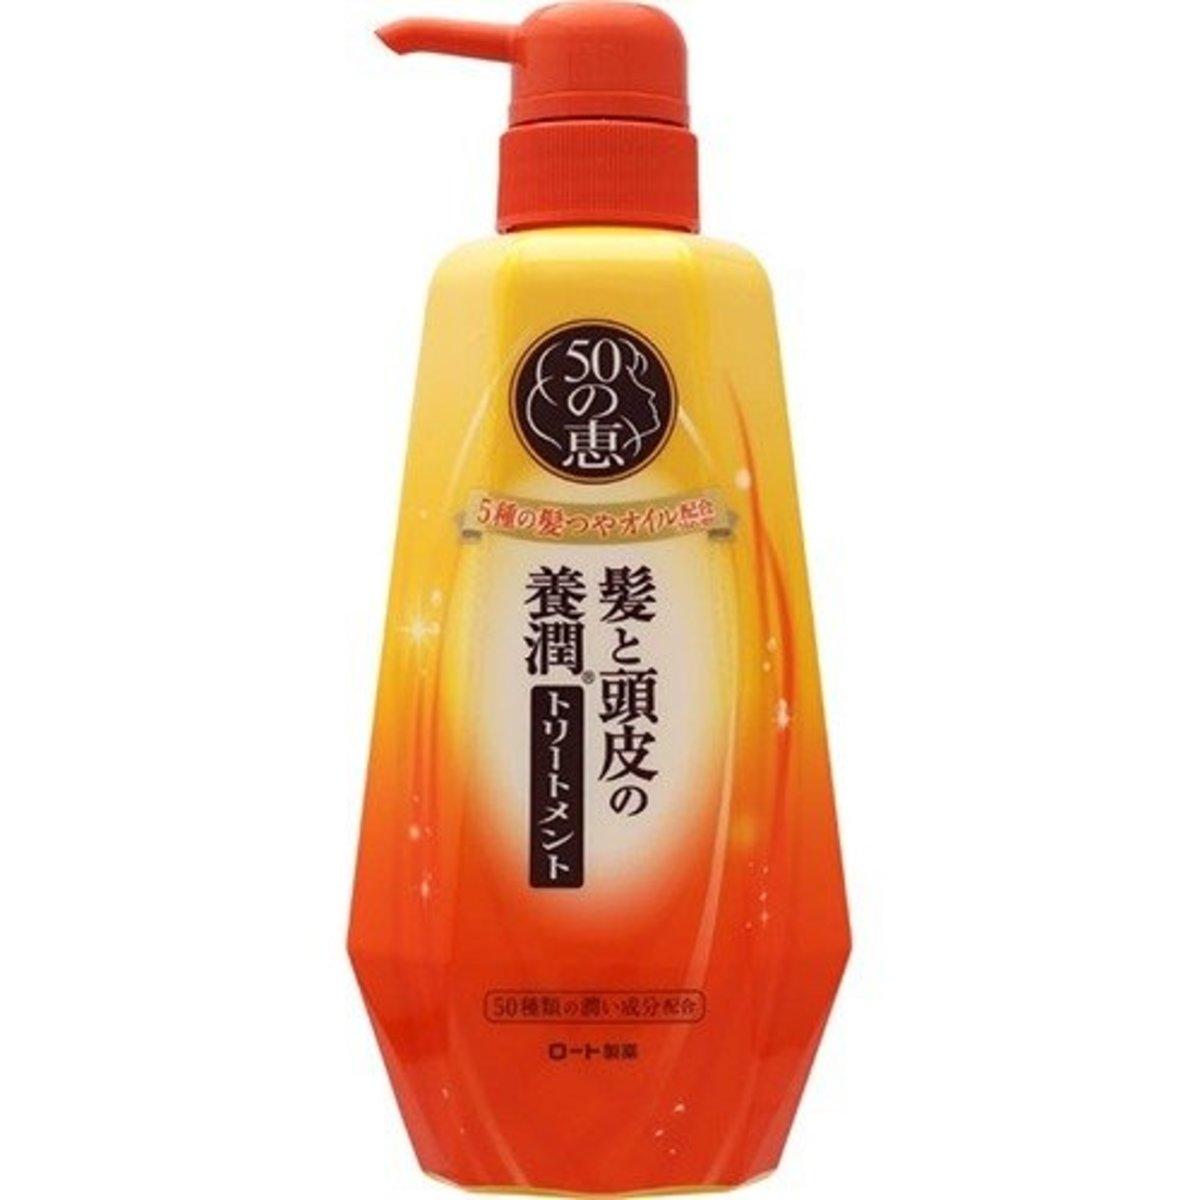 養潤豐盈護髮素 400ml (滋養型) -乾性及受損髮質適用(平行進口貨)